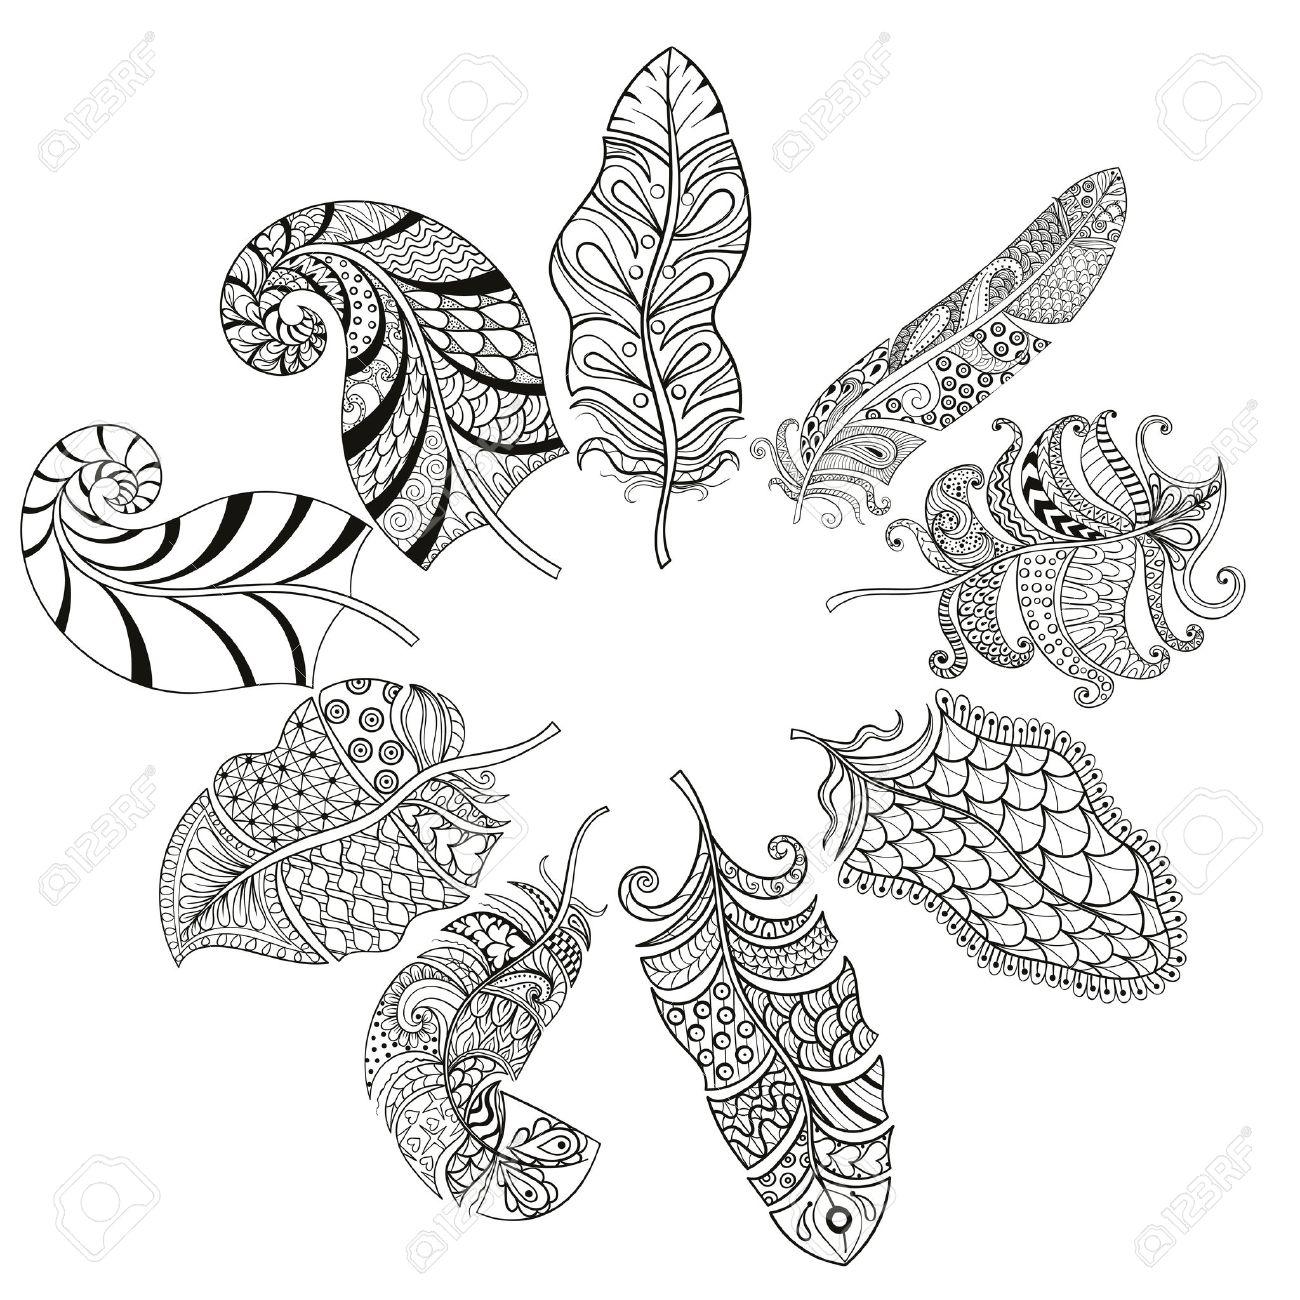 Www Dibujos Imagenes De Guerreros Aztecas Wwwfrescoimagenescom